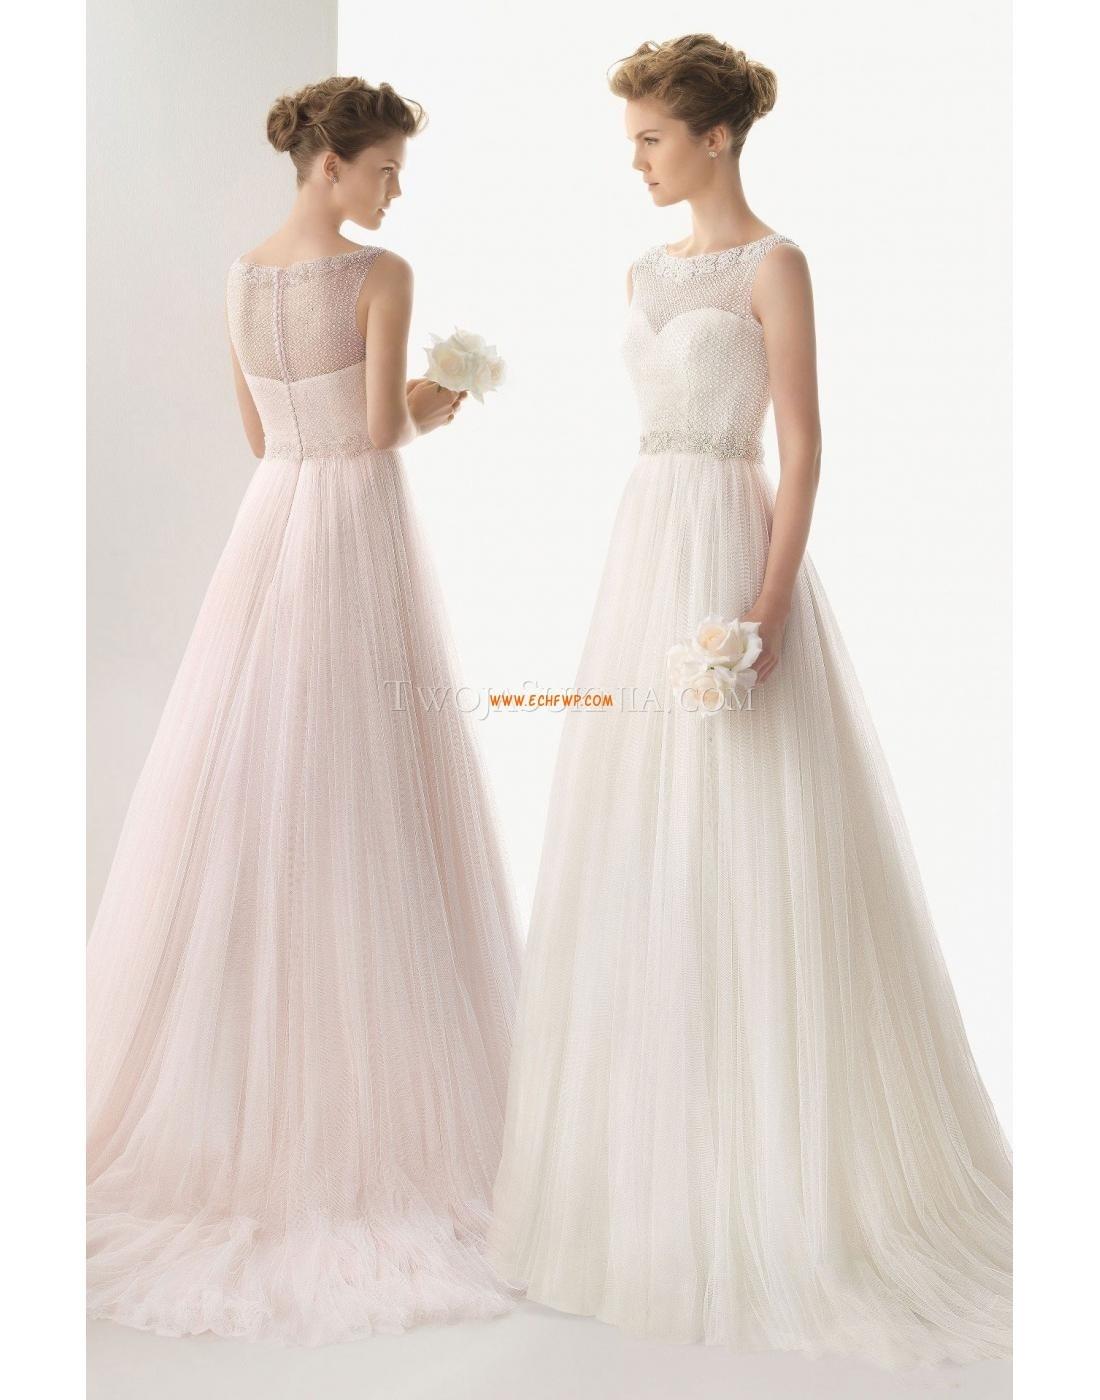 Formal Einzigartig Schöne Hochzeitskleider Galerie20 Kreativ Schöne Hochzeitskleider Design